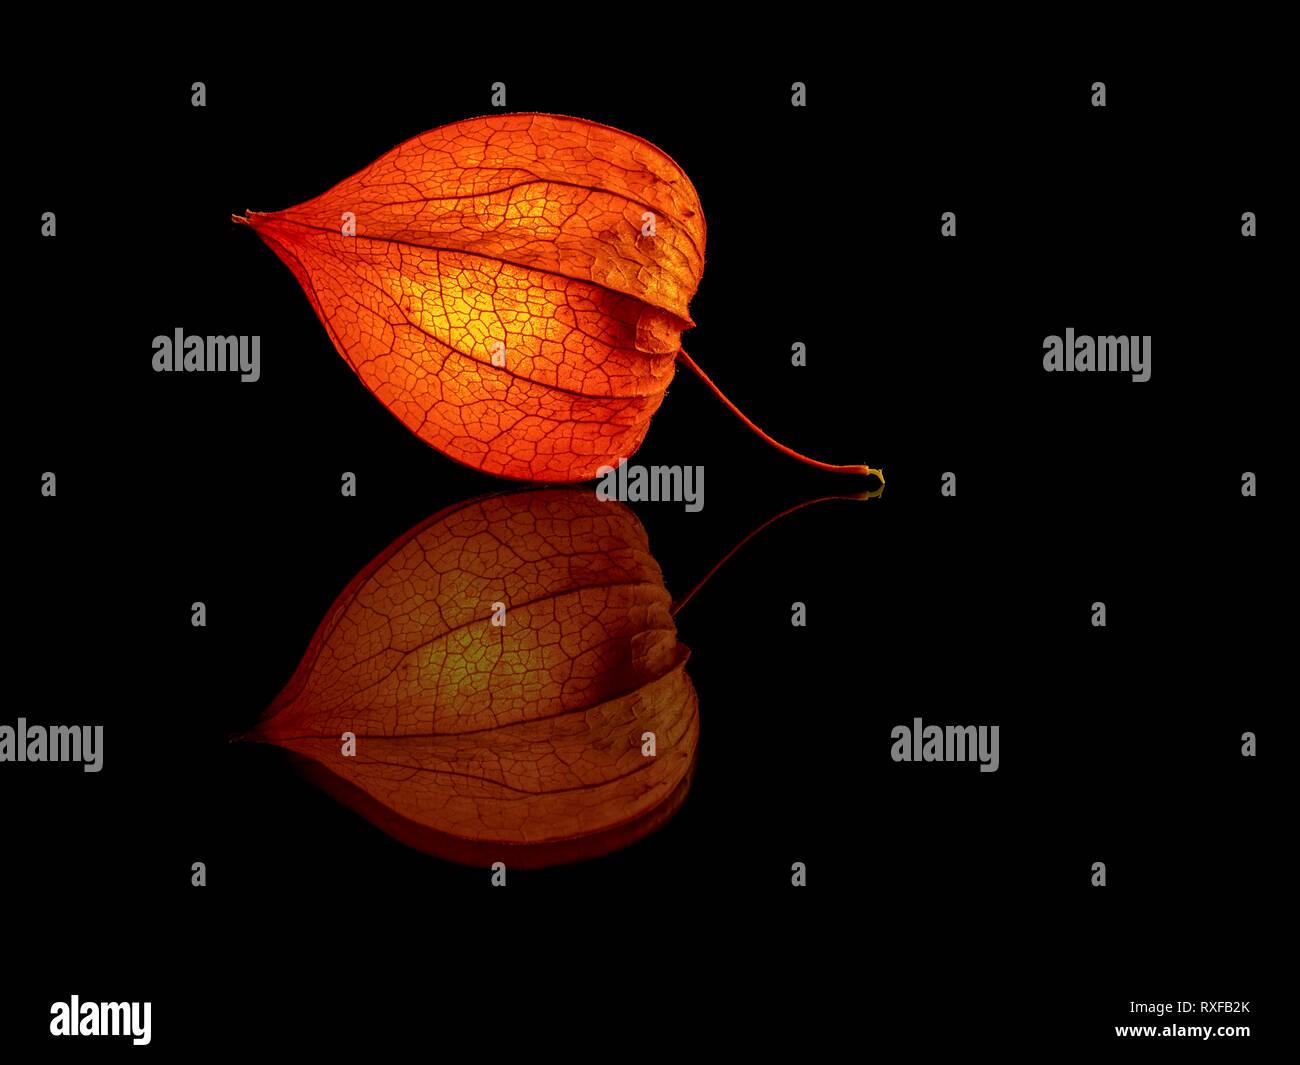 Lampionblume mit Spiegelung - Stock Image